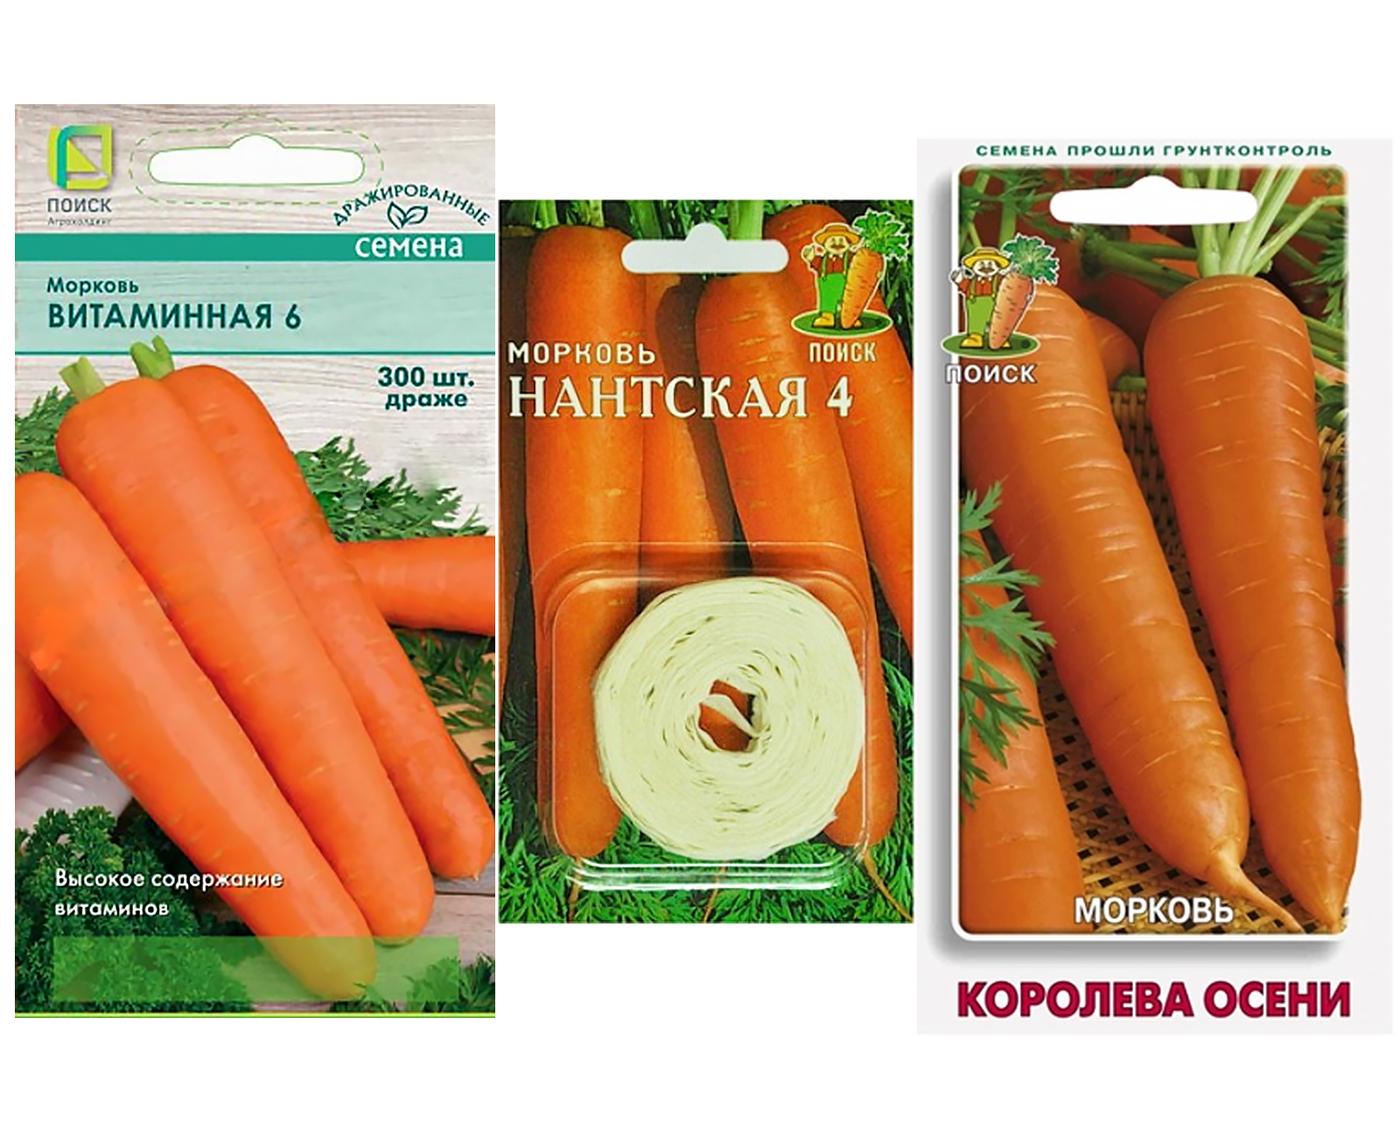 Морковь каротель: подробная характеристика и описание, достоинства и недостатки сорта, особенности выращивания и ухода, а также сбор и хранение урожая русский фермер